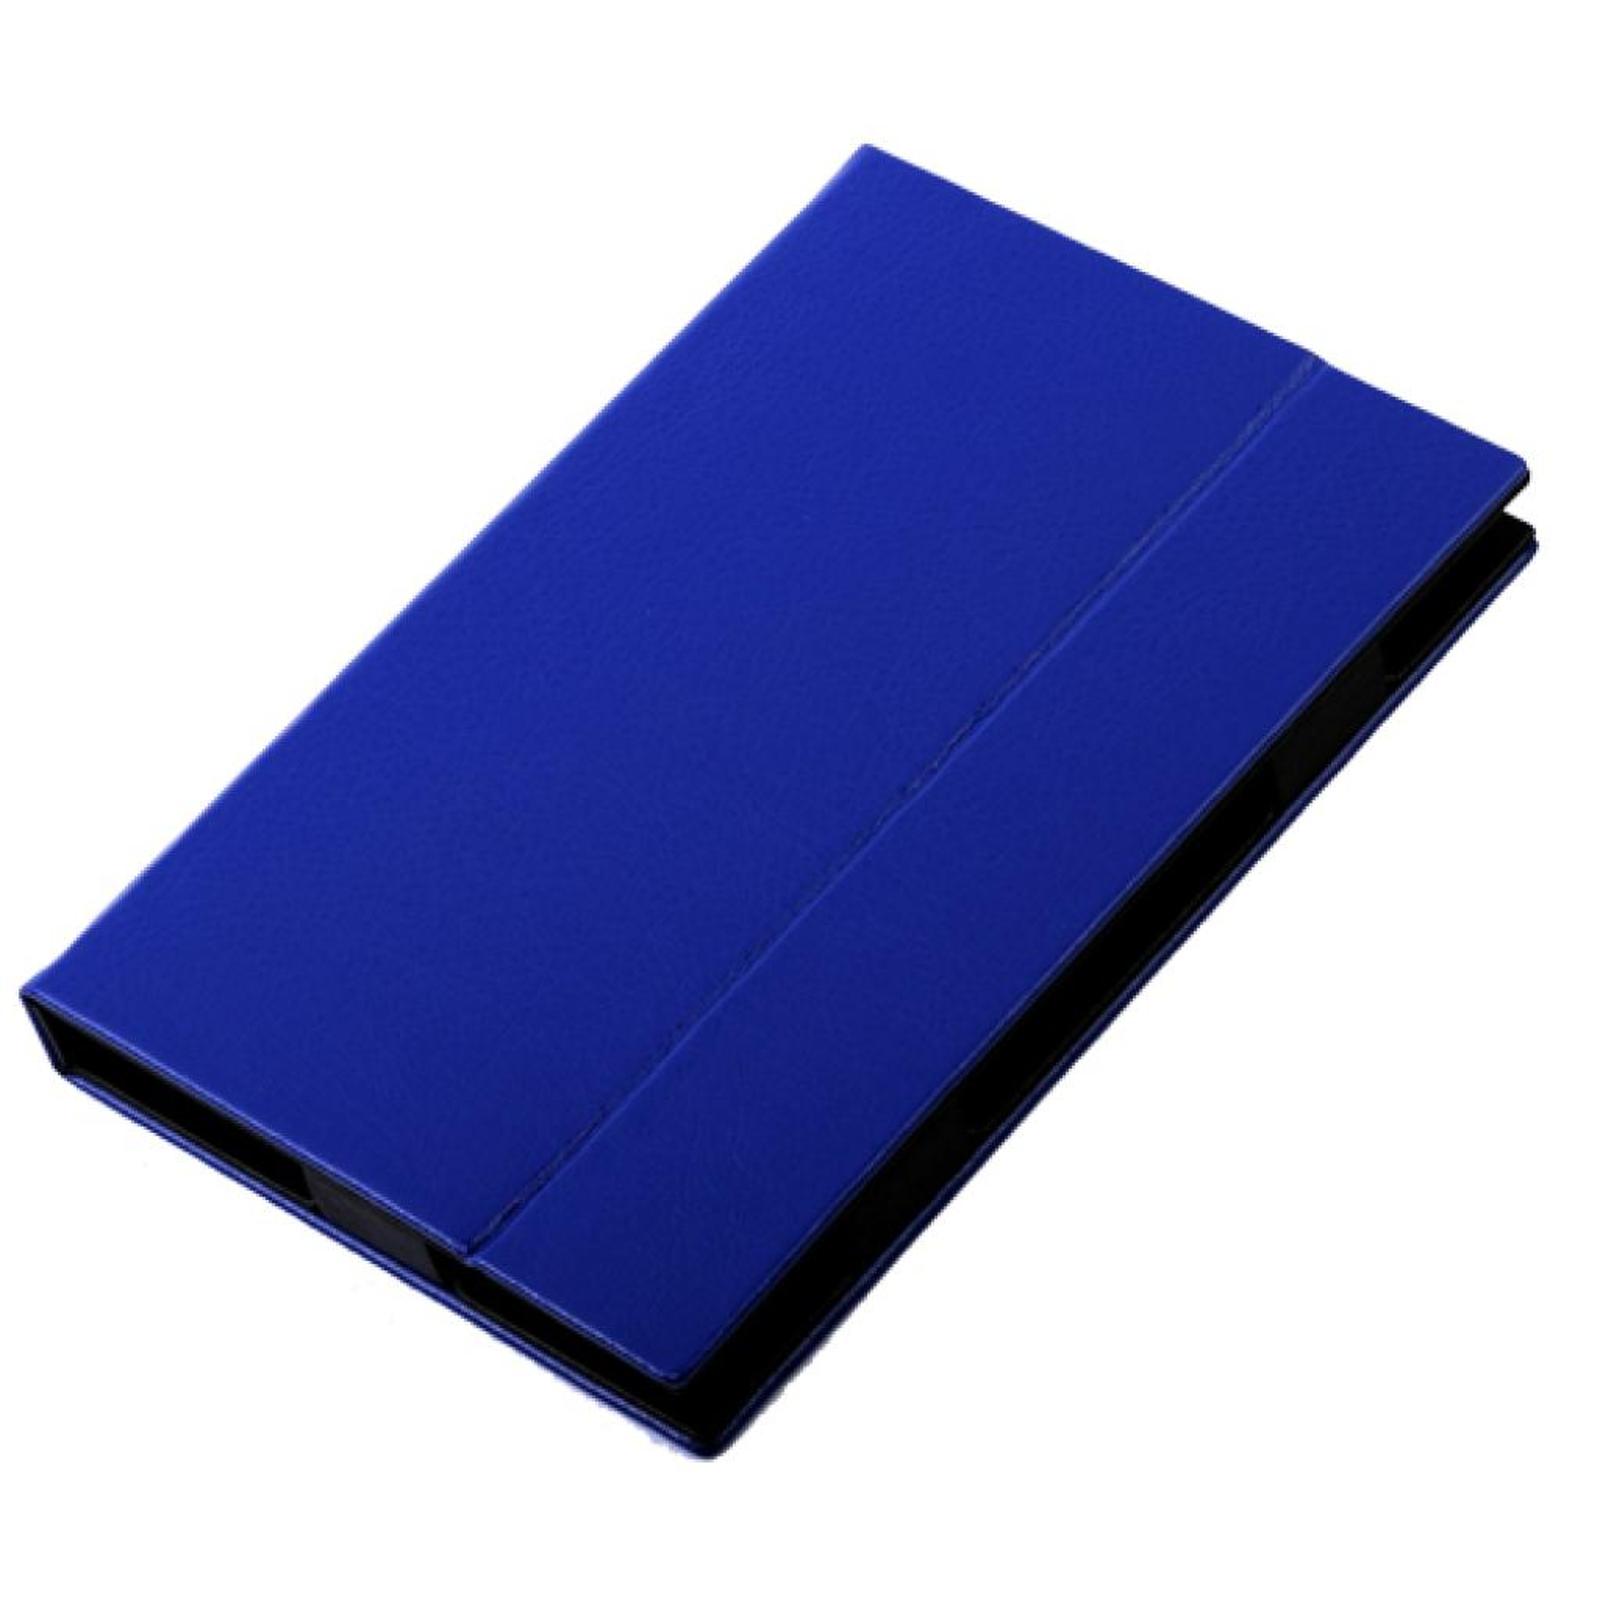 Чехол для планшета Vento 8 Desire Bright - rich blue